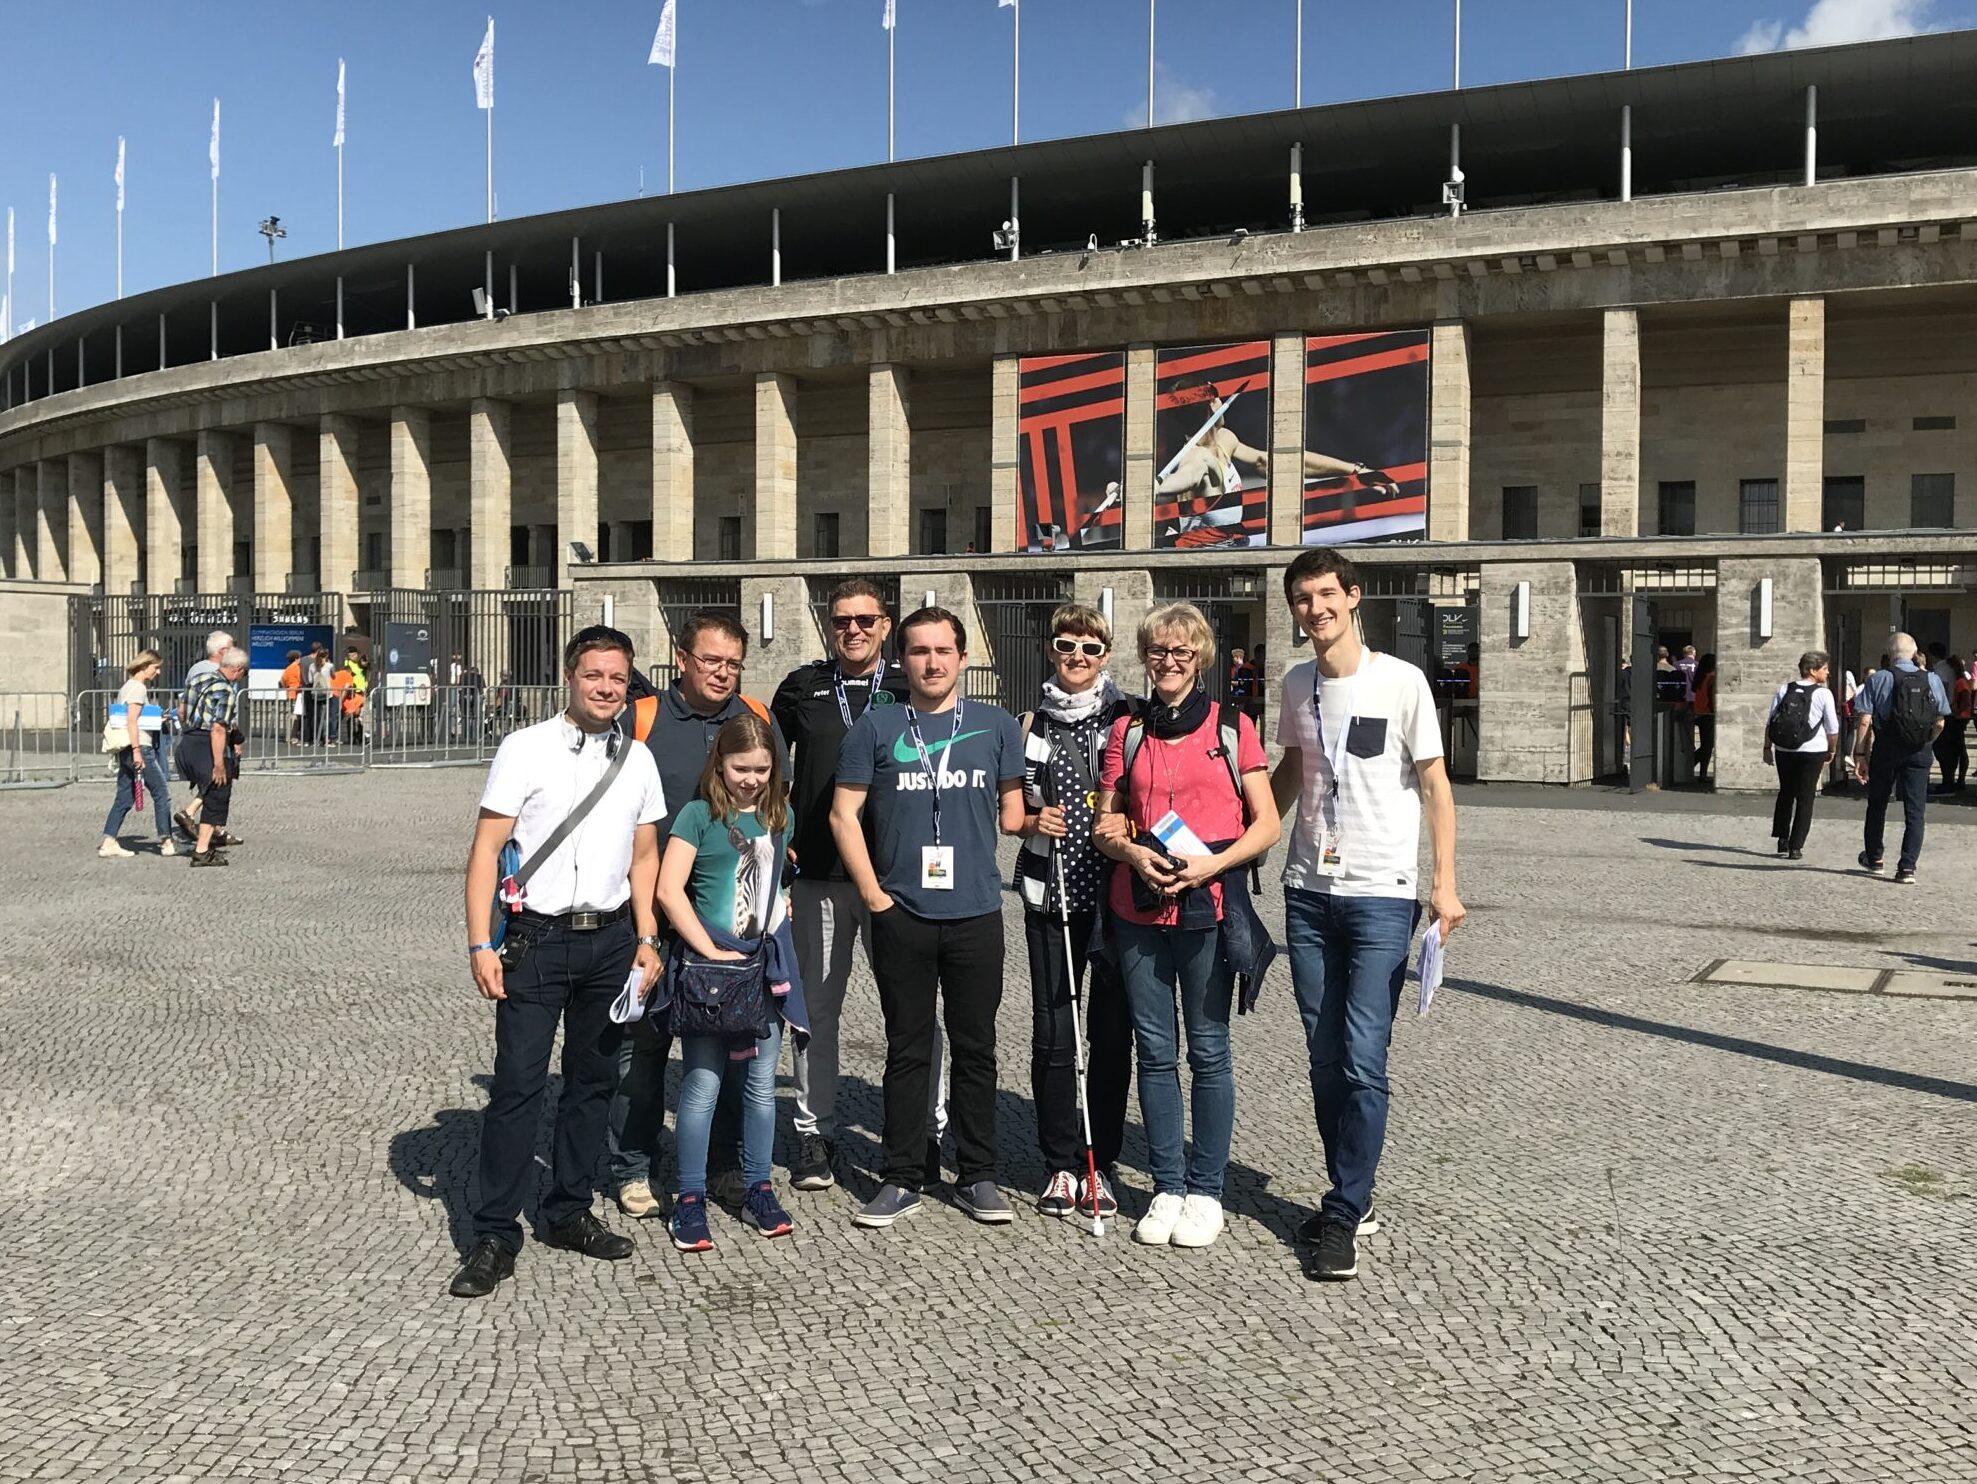 Vor dem Berliner Olympiastadion stehen mehrere Gäste für die Audiodeskription Leichtathletik. Gemeinsam mit den Sprecher der Audiodeskription haben Sie sich zu einem Gruppenfoto aufgestellt. Alle grinsen in die Kamera. Über dem Olympiastadion, das im Hintergrund aufragt, strahlt ein blauer Himmel, Foto: Deutscher Leichtathletik-Verband.